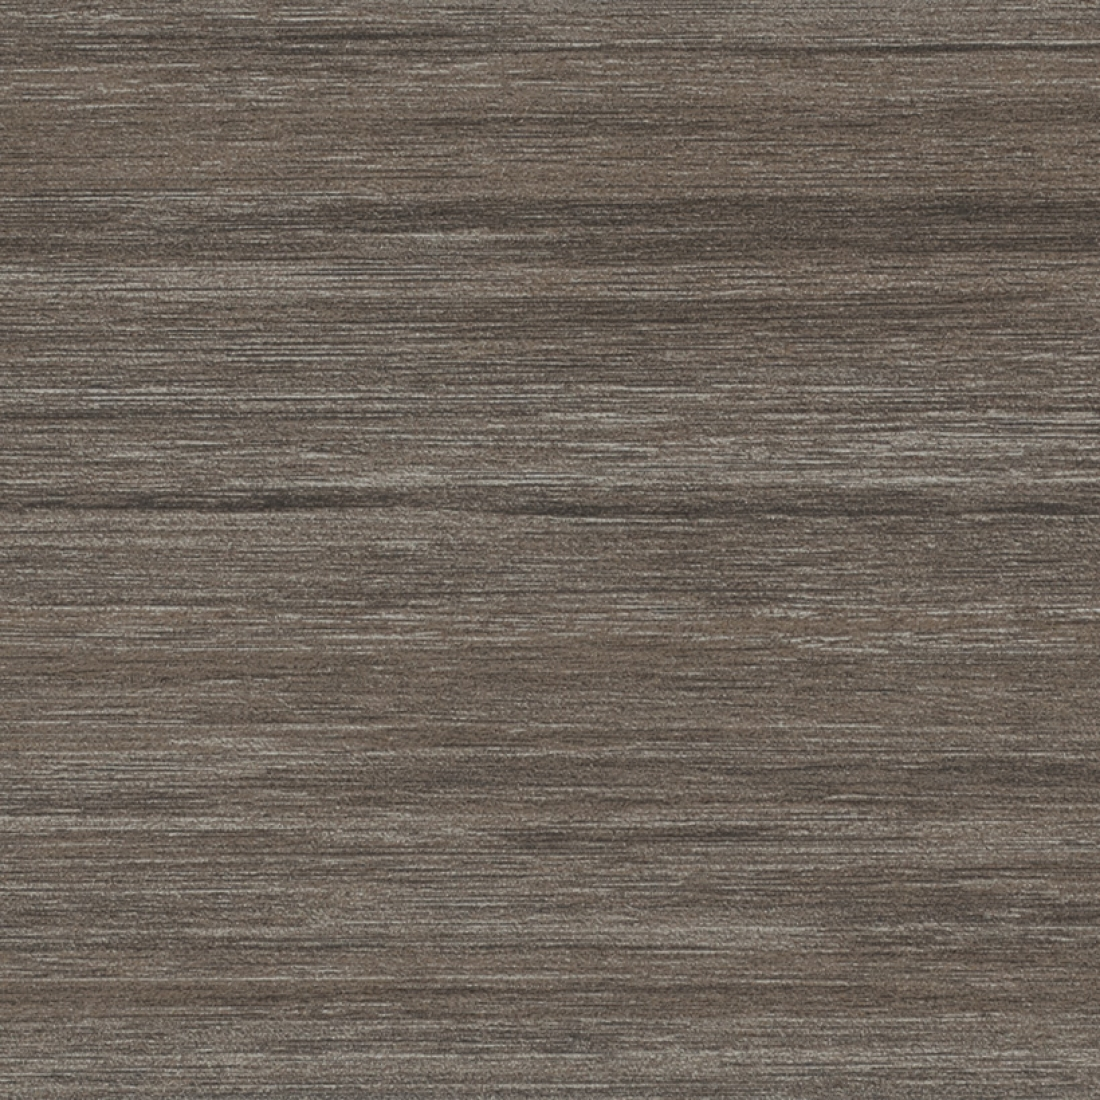 Dark Wood Rustic Furniture